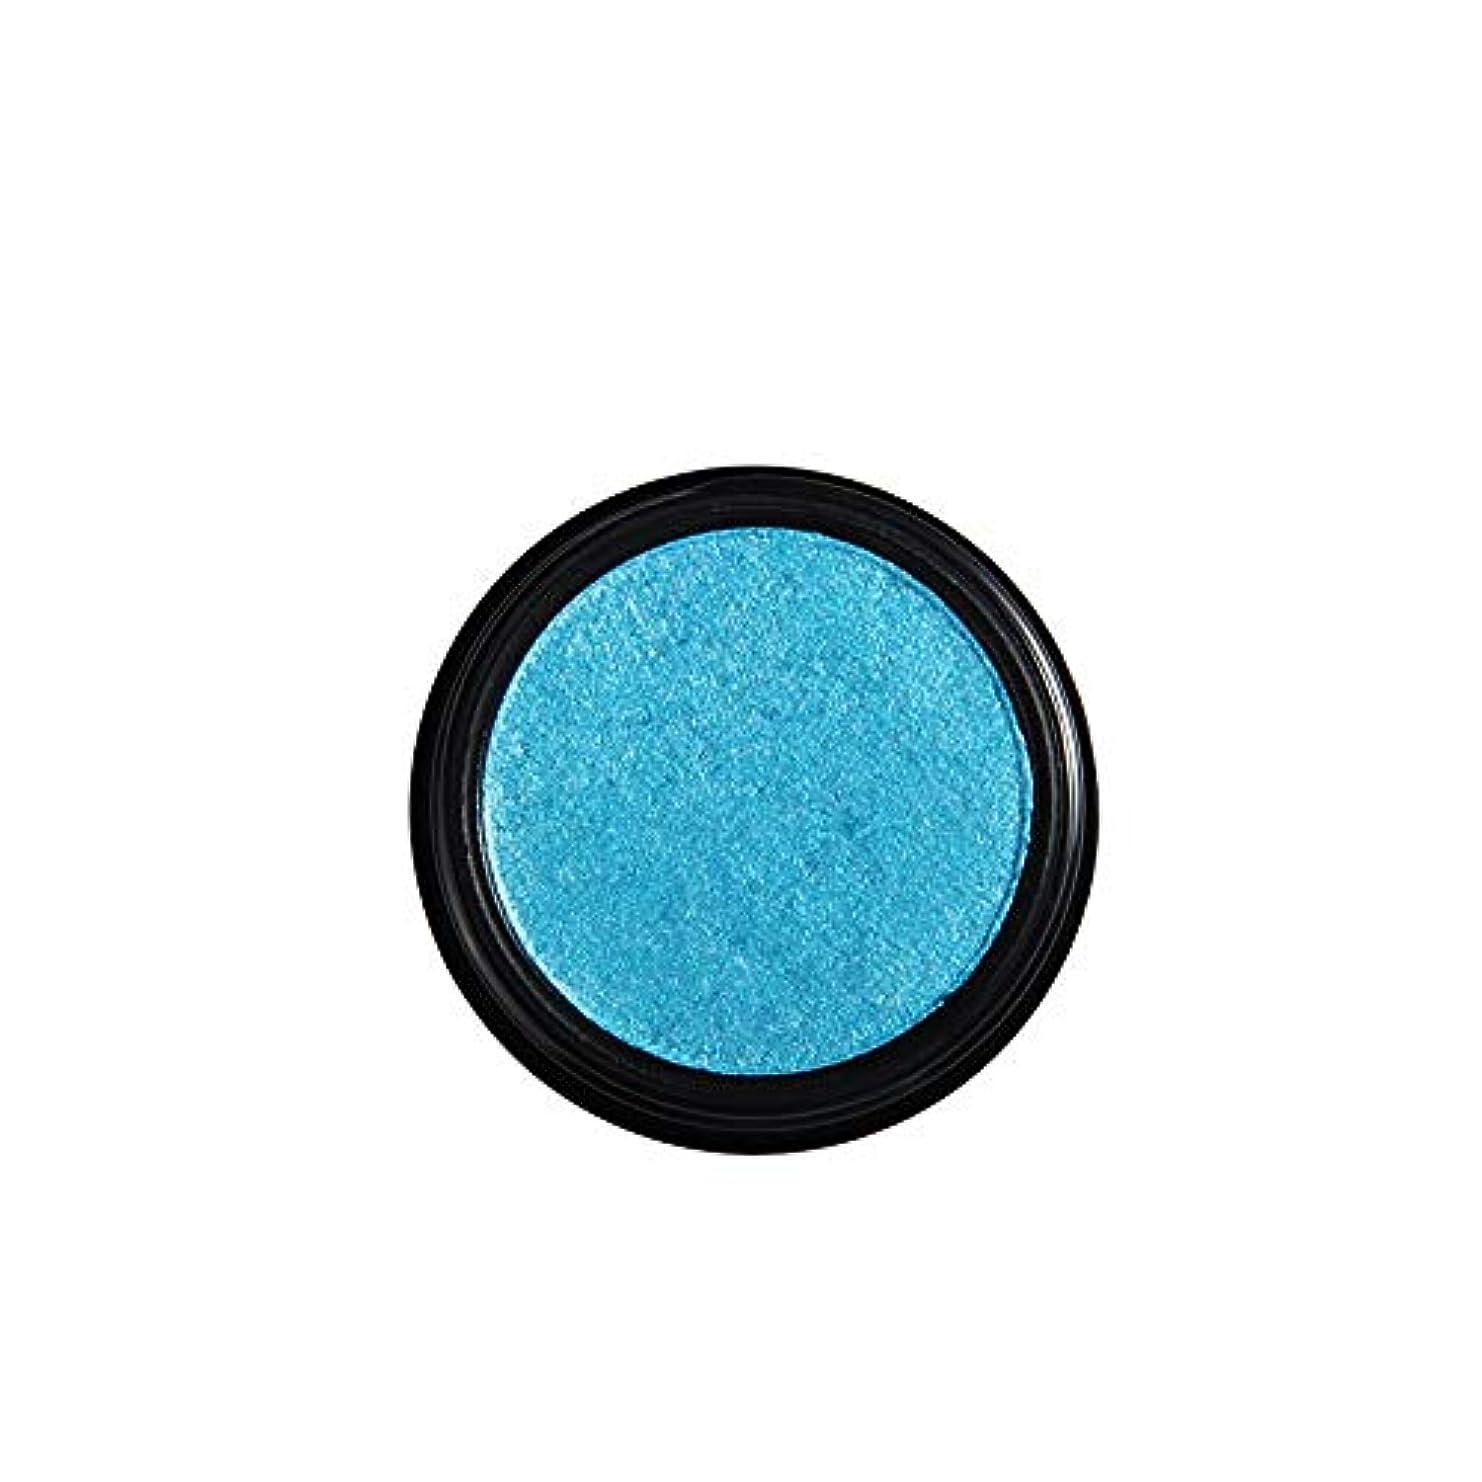 借りている平手打ちミリメーターAkane アイシャドウパレット PHOERA ファッション 高級 美しい ひとつだけ 単なる 魅力的 キラキラ メタリック 綺麗 素敵 持ち便利 日常 Eye Shadow (24色)